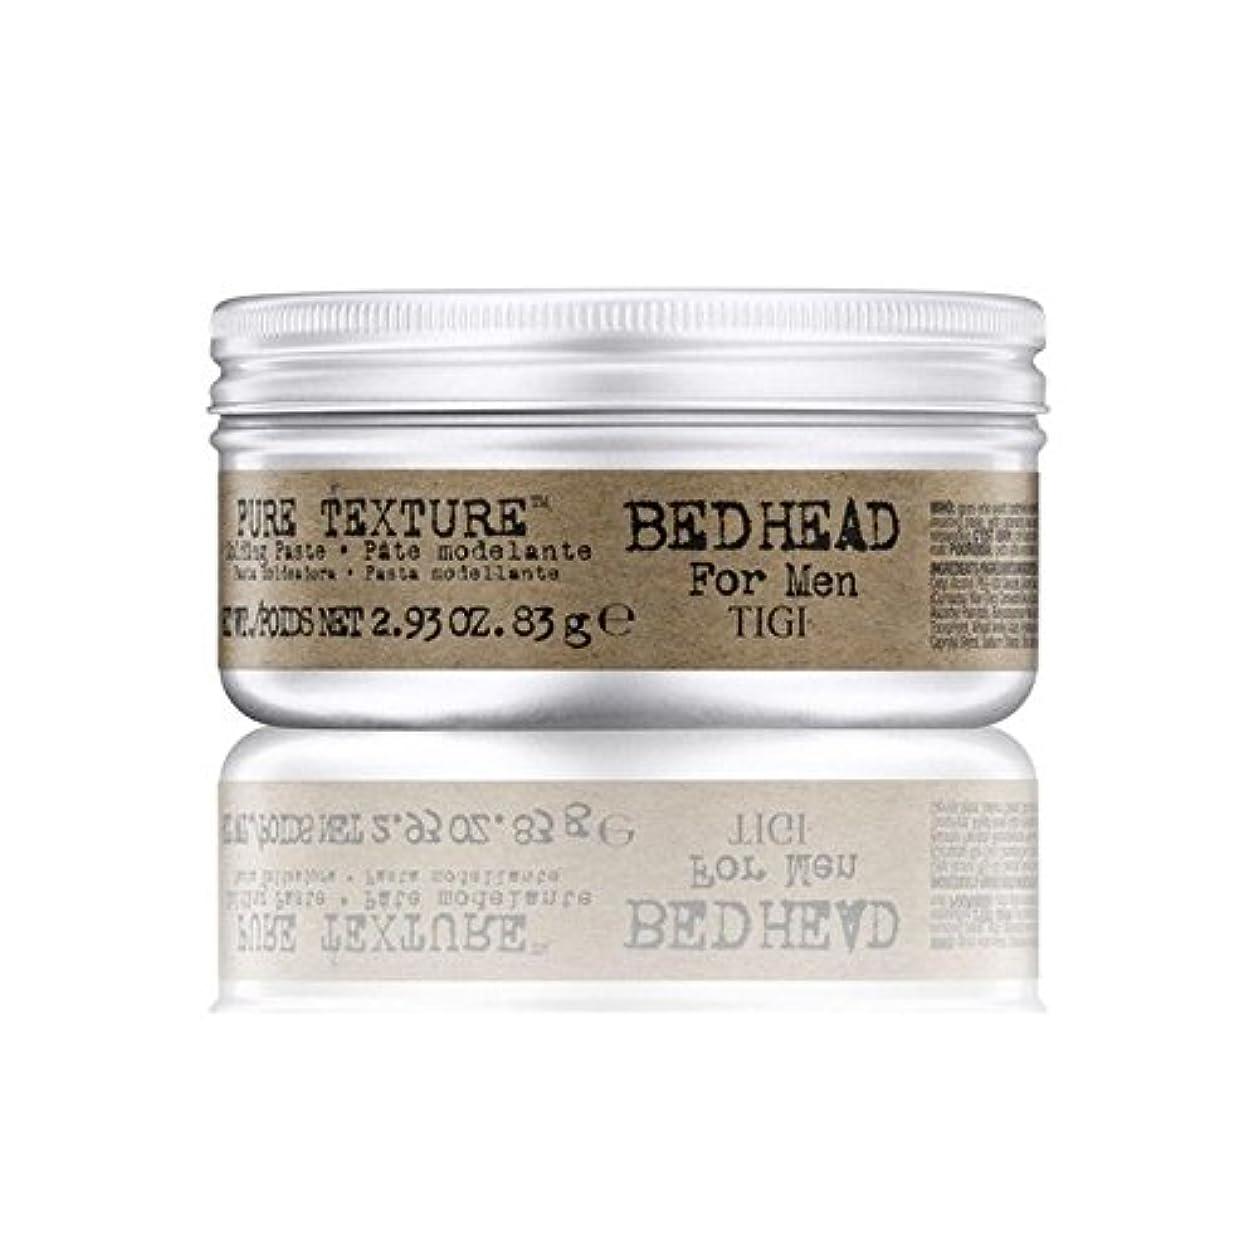 破滅資格蜂Tigi Bed Head For Men Pure Texture Molding Paste (83G) - 男性の純粋なテクスチャーモールディングペースト(83グラム)のためのティジーベッドヘッド [並行輸入品]